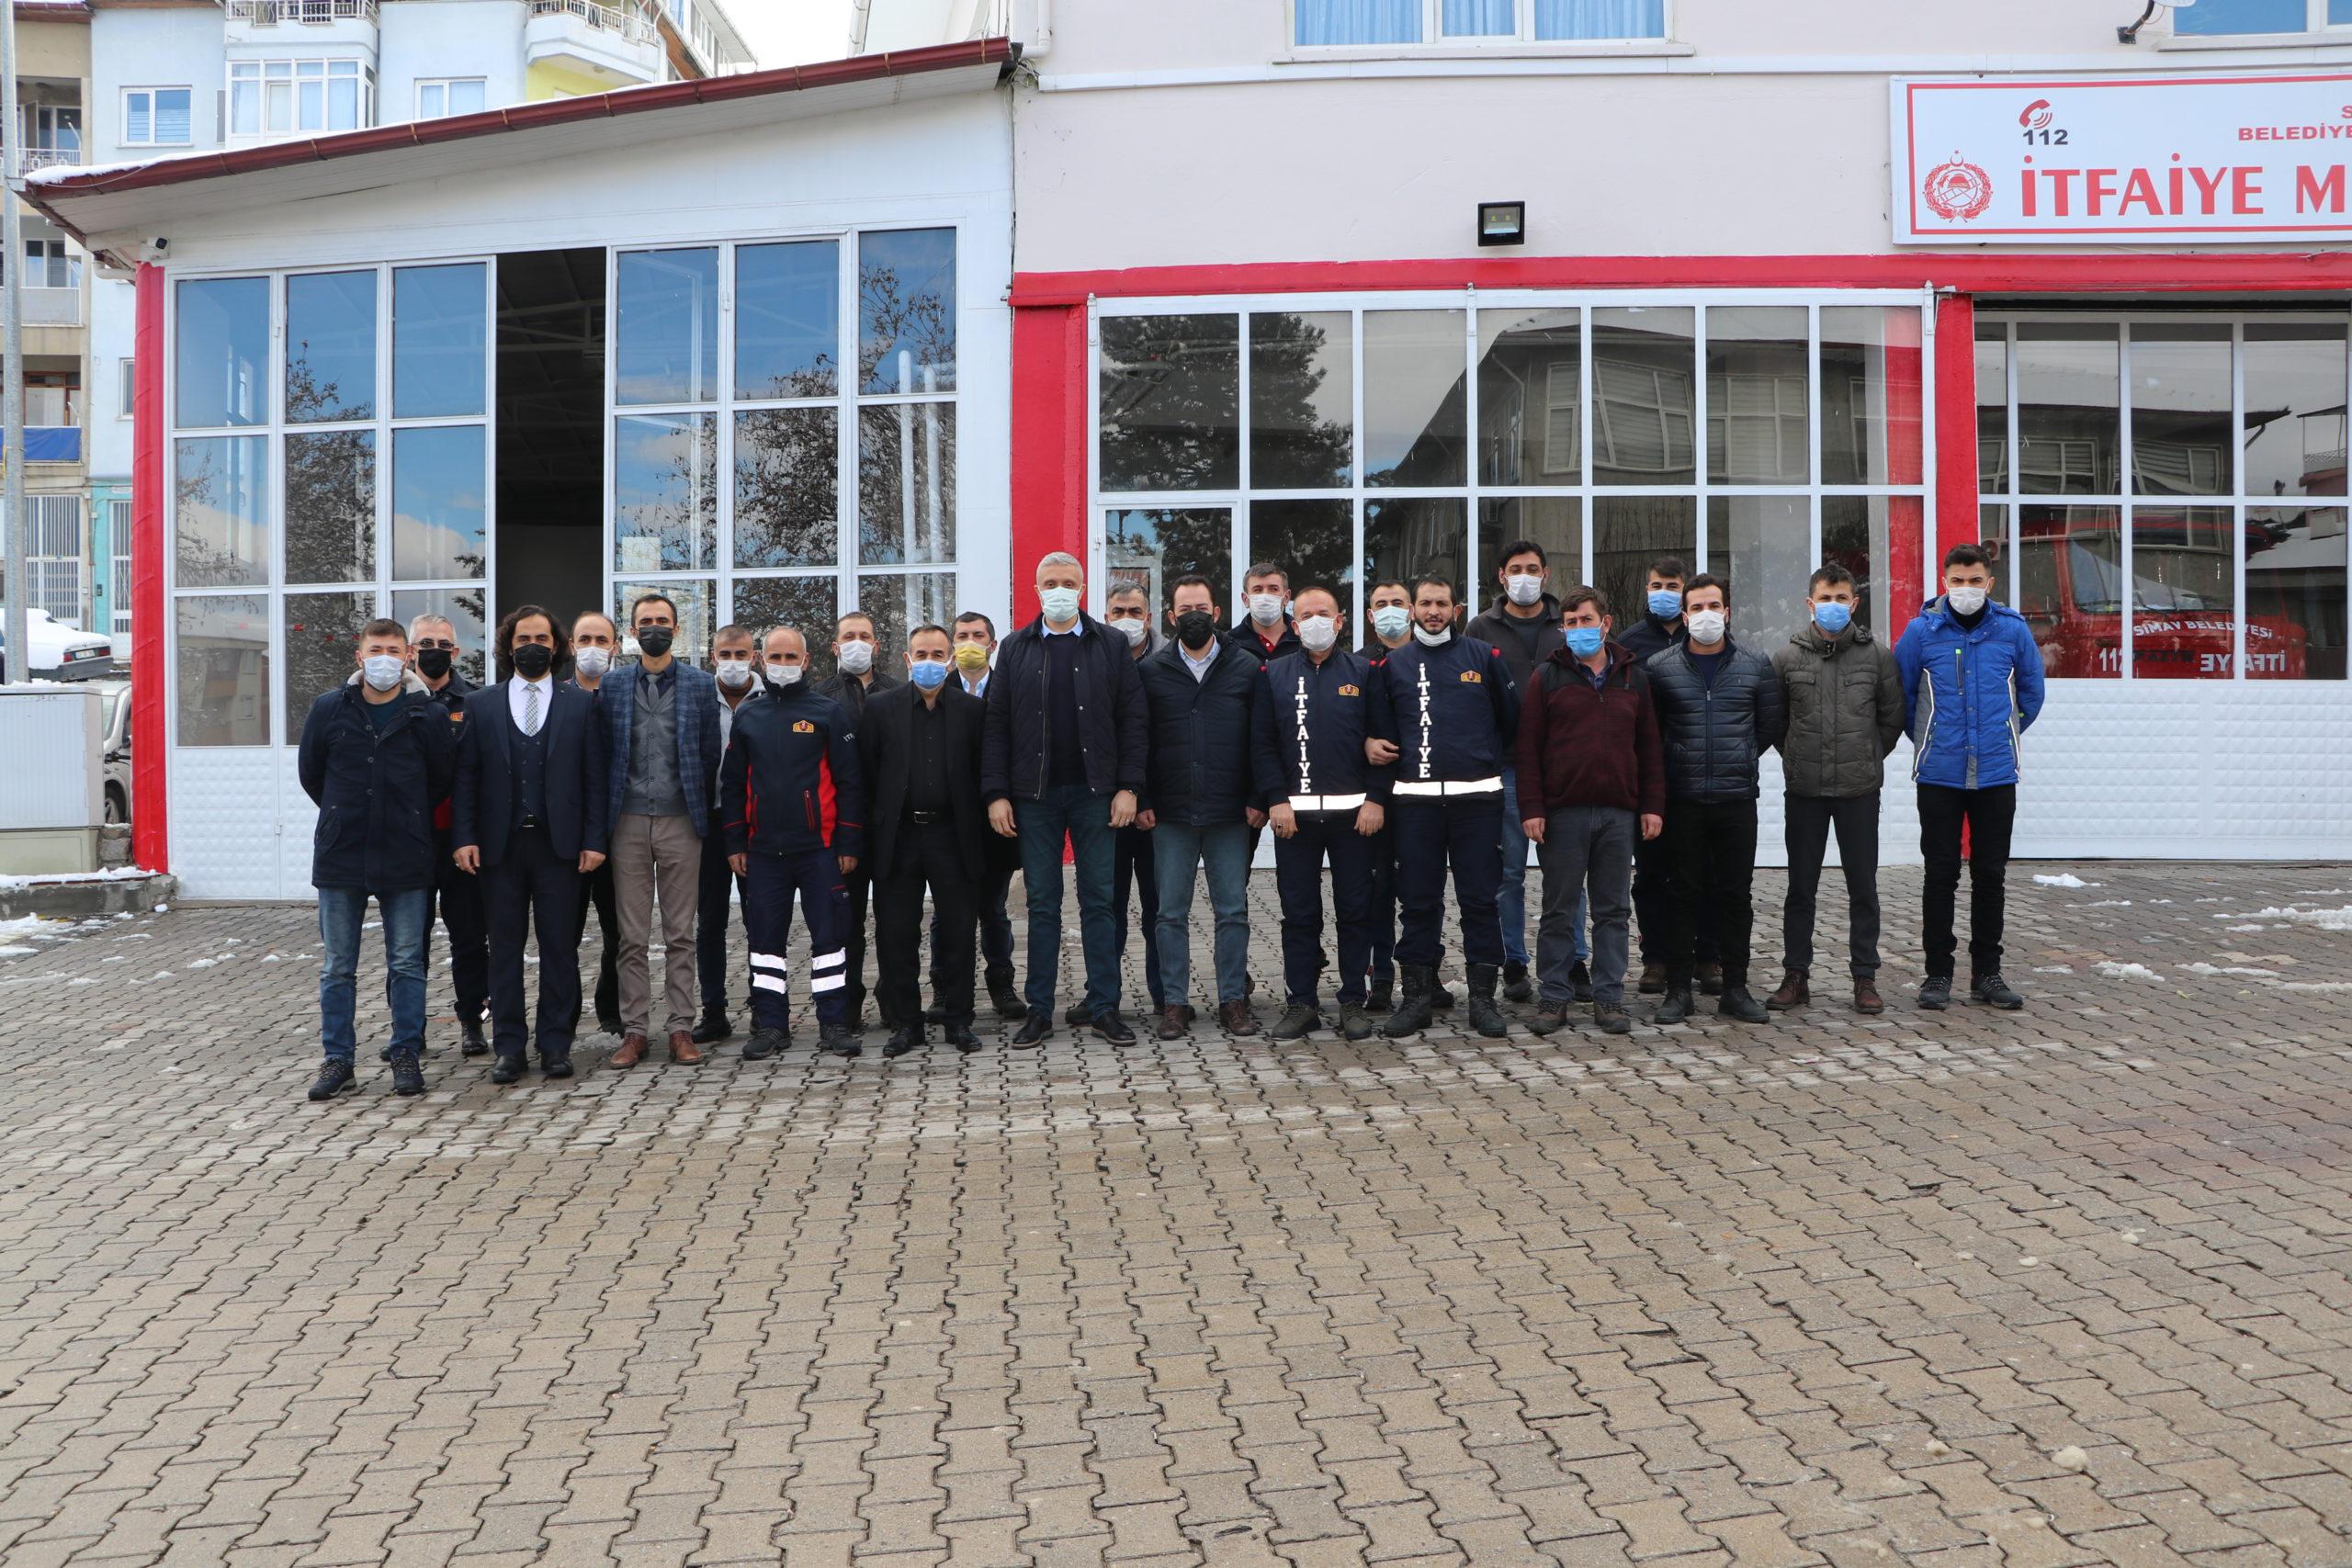 Simav Belediyesi İtfaiye Çalışanları İtfaiyecilik Temel Eğitim Sertifikalarını Aldılar